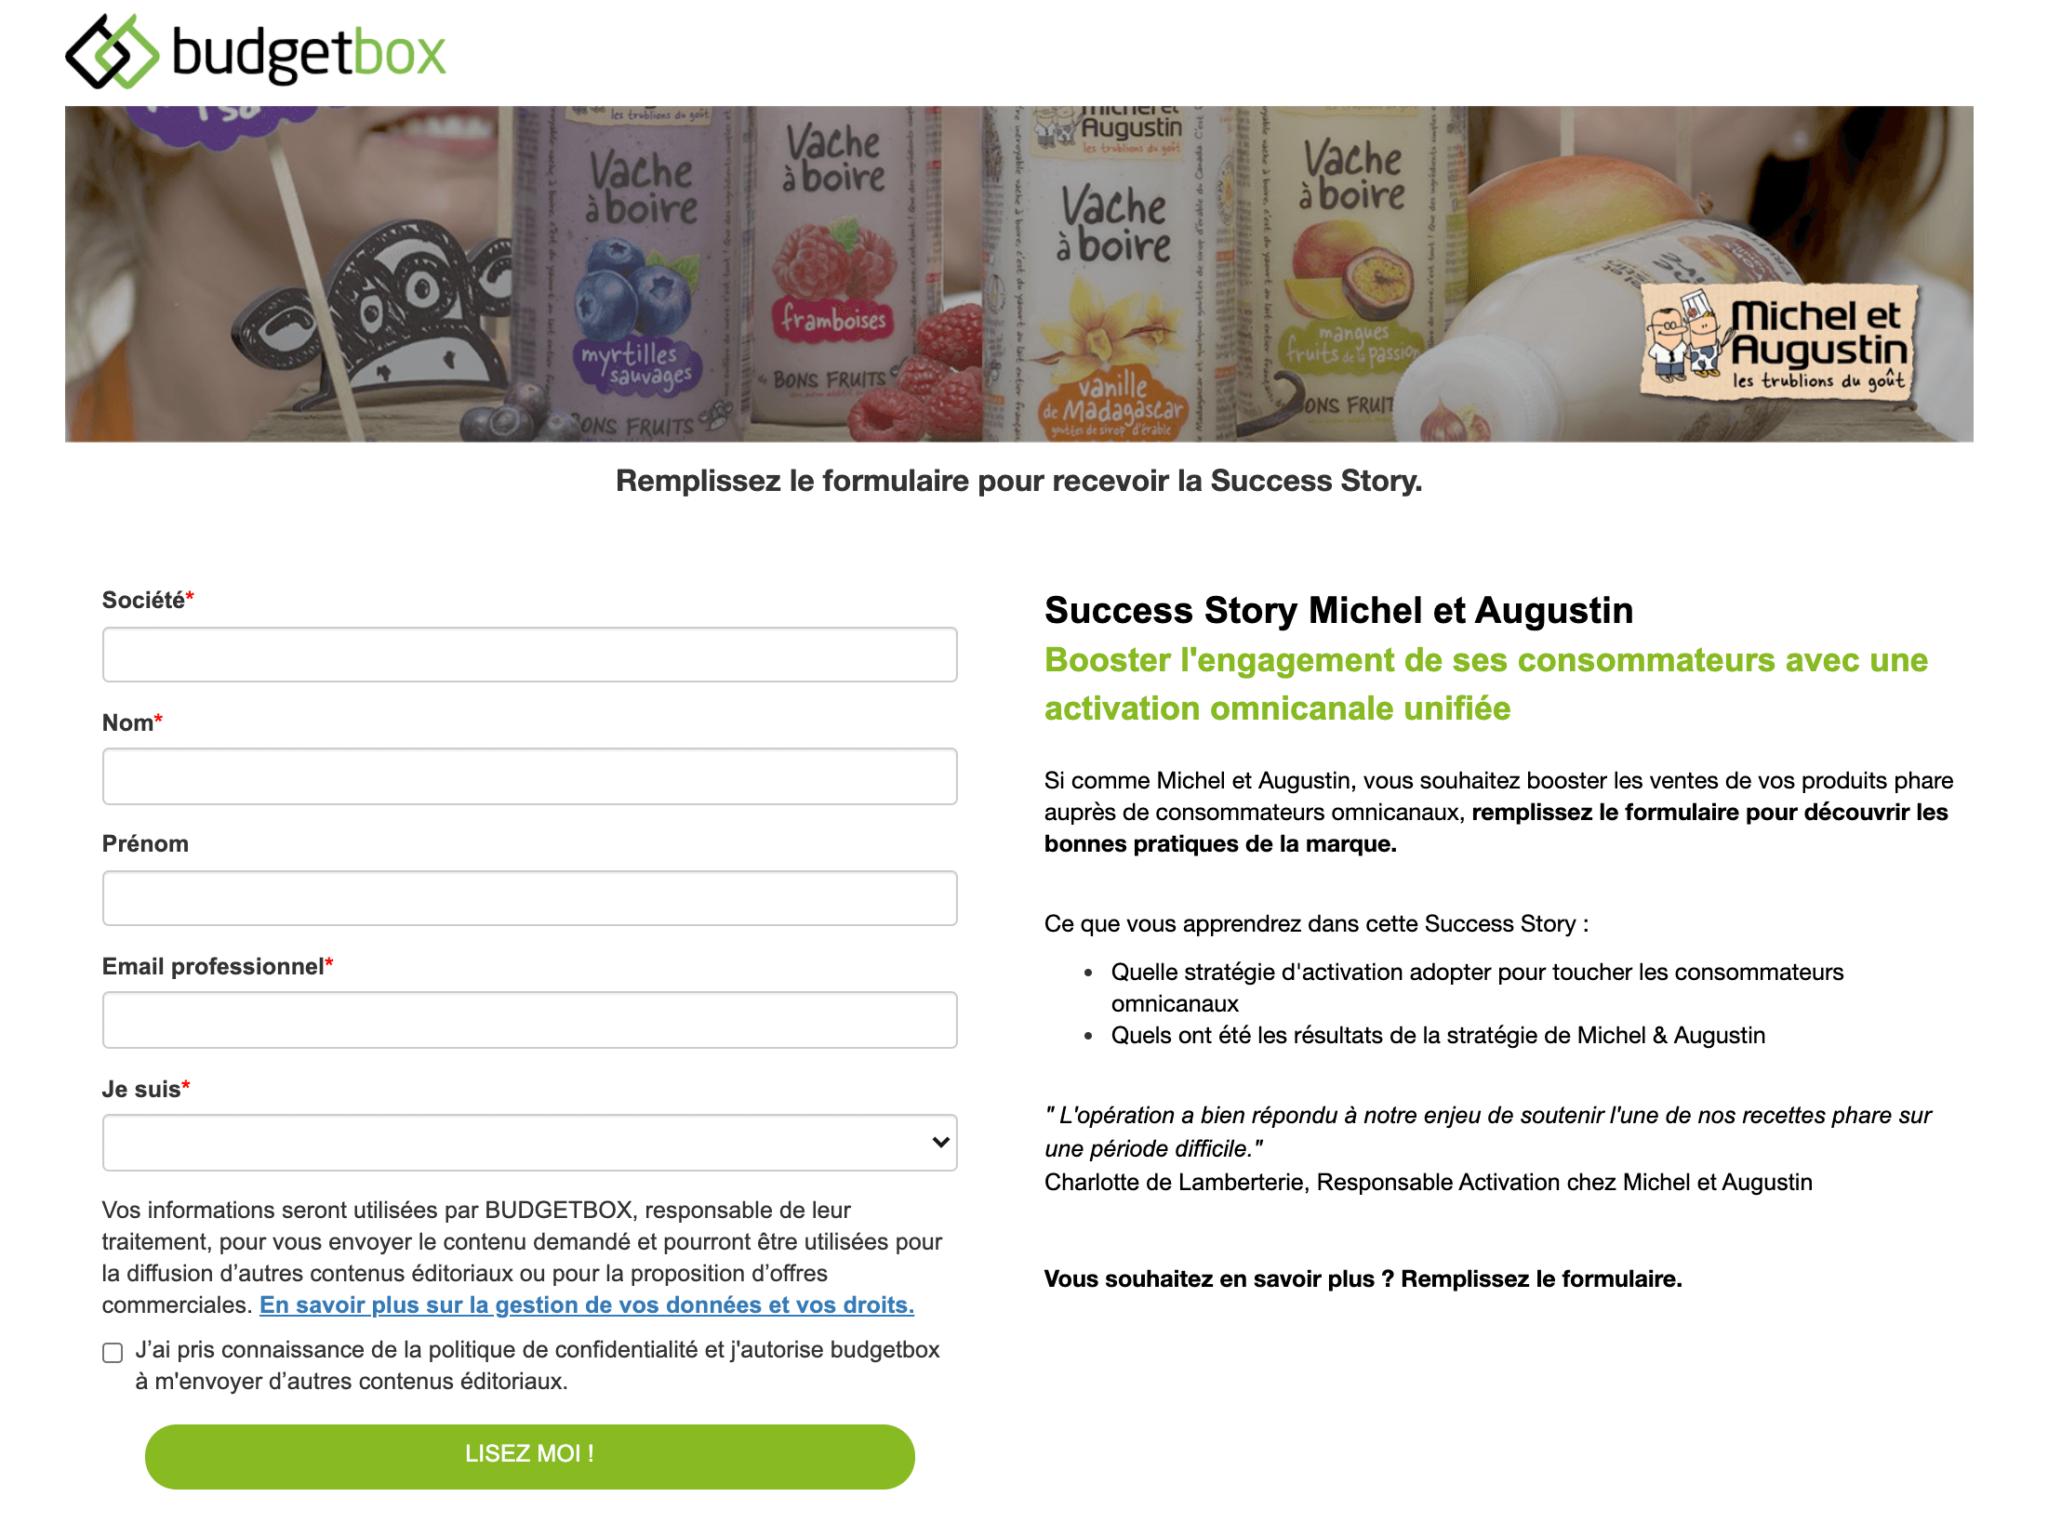 landing page permettant de télécharger un cas client b2b de budget box